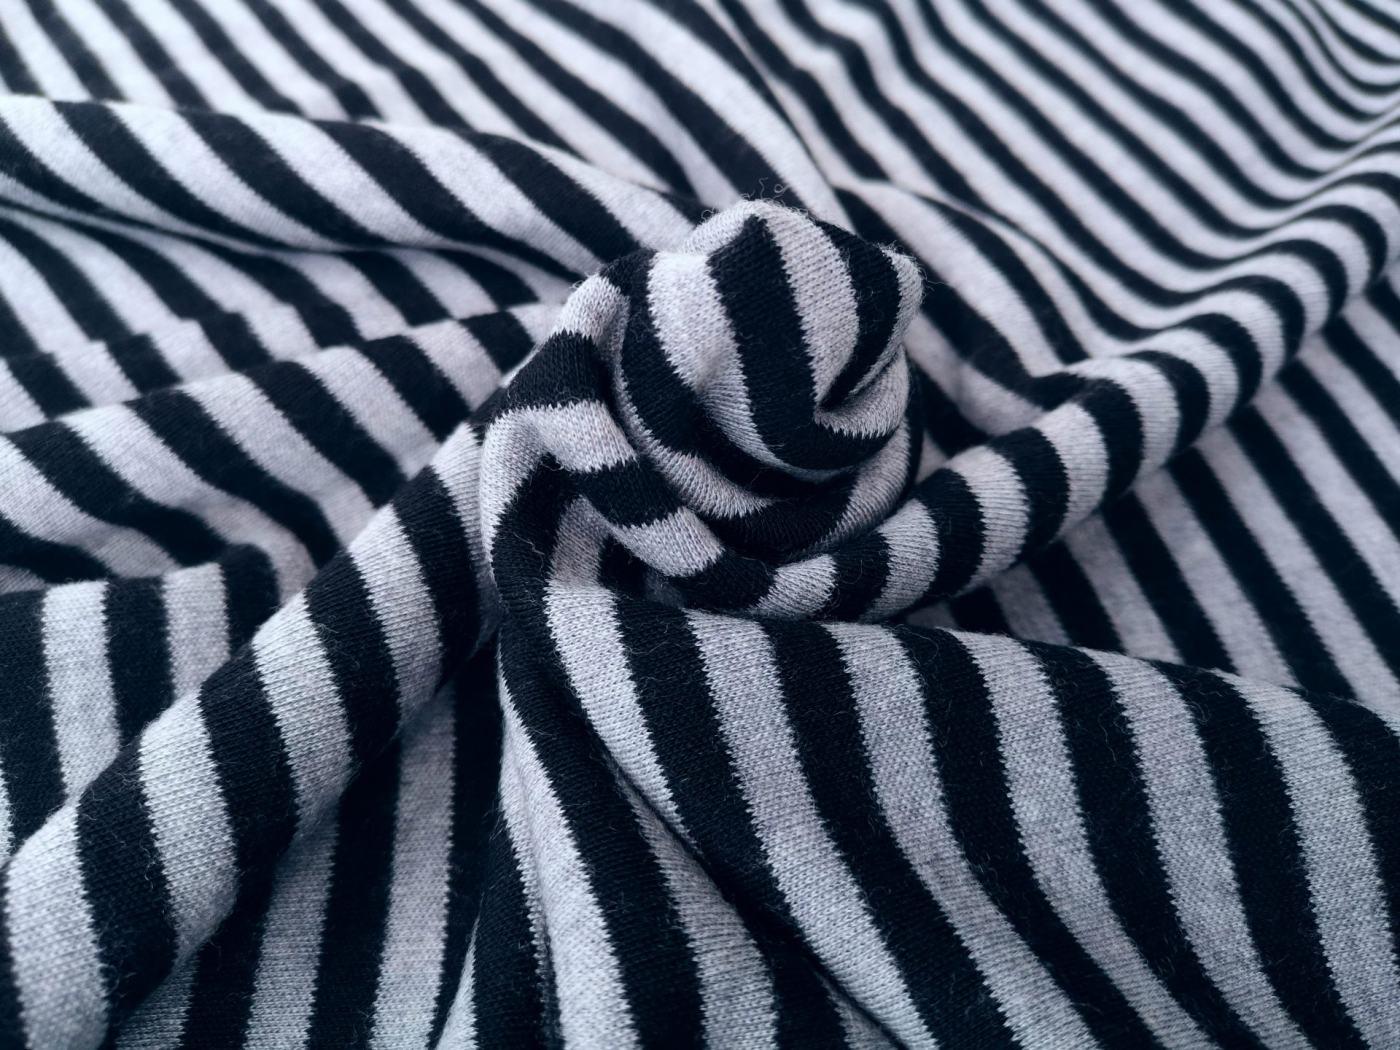 grau schwarz Ringel Wolljersey